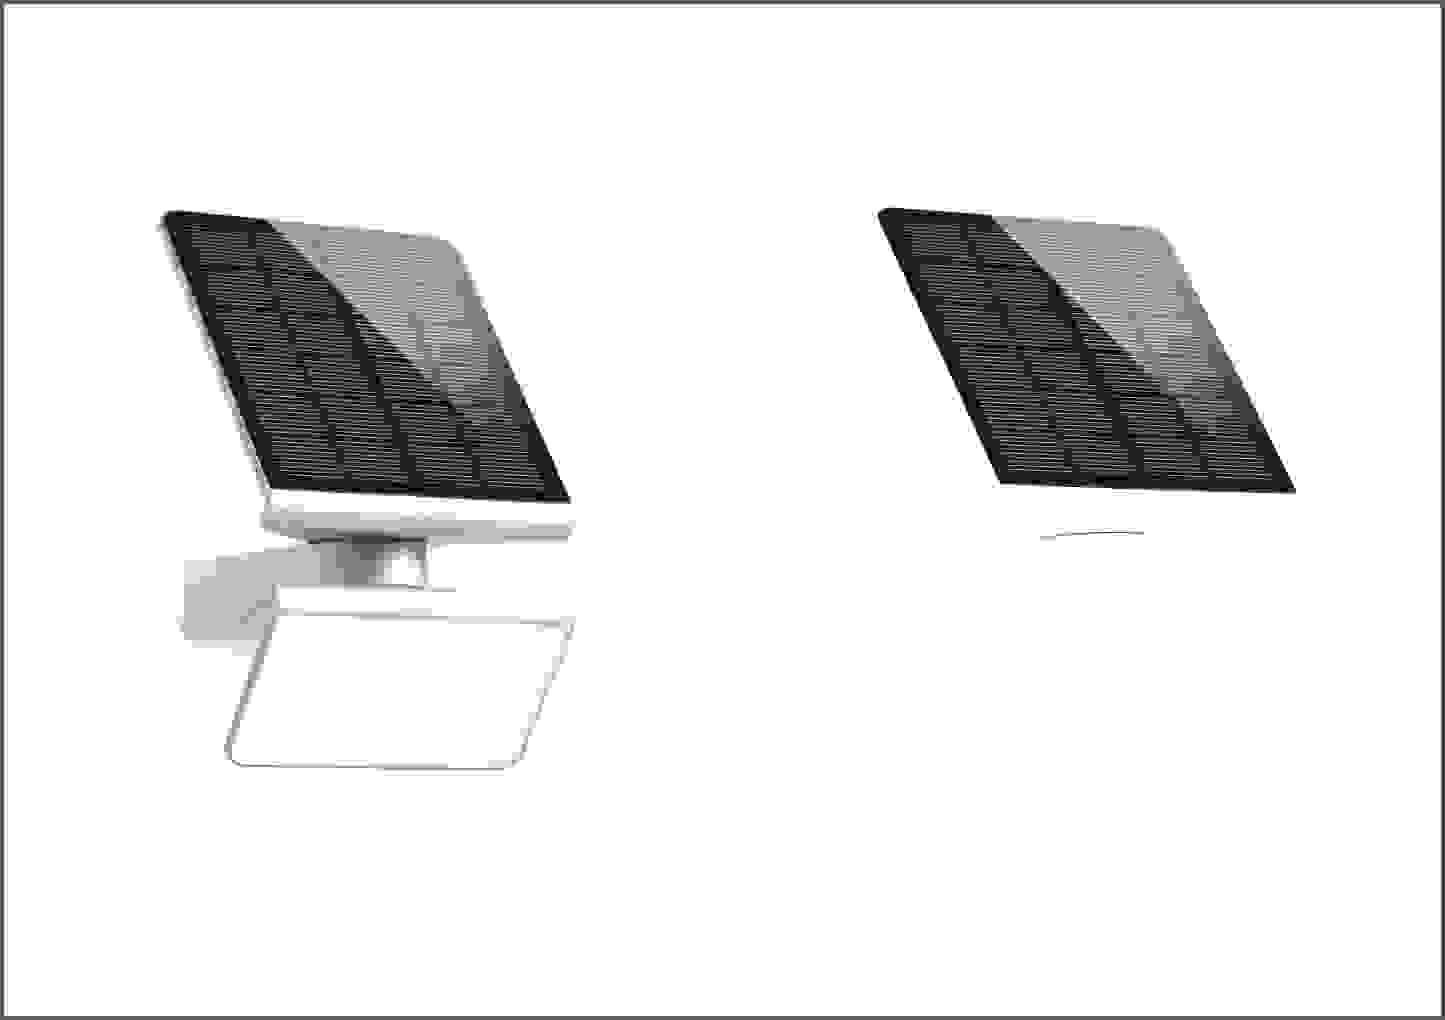 Ziemlich Led Solar Ausenleuchte Mit Bewegungsmelder Var Xsolar L Neu von Minion Bettwäsche Aldi Bild